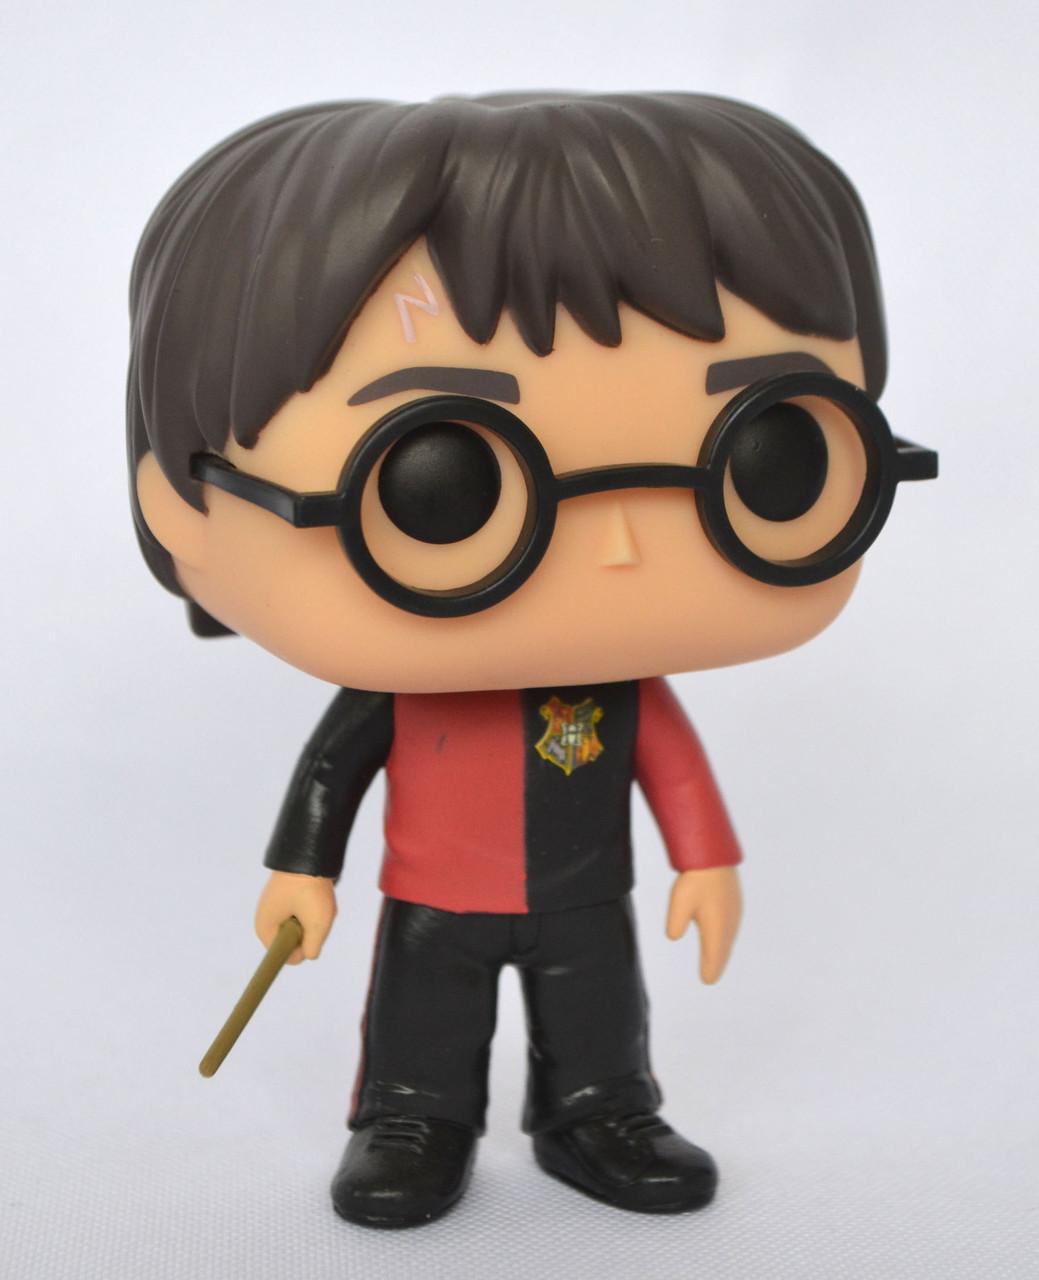 """Колекційна фігурка FUNKO POP! серії """"Гаррі Поттер"""" - Гаррі на турнірі трьох чаклунів"""